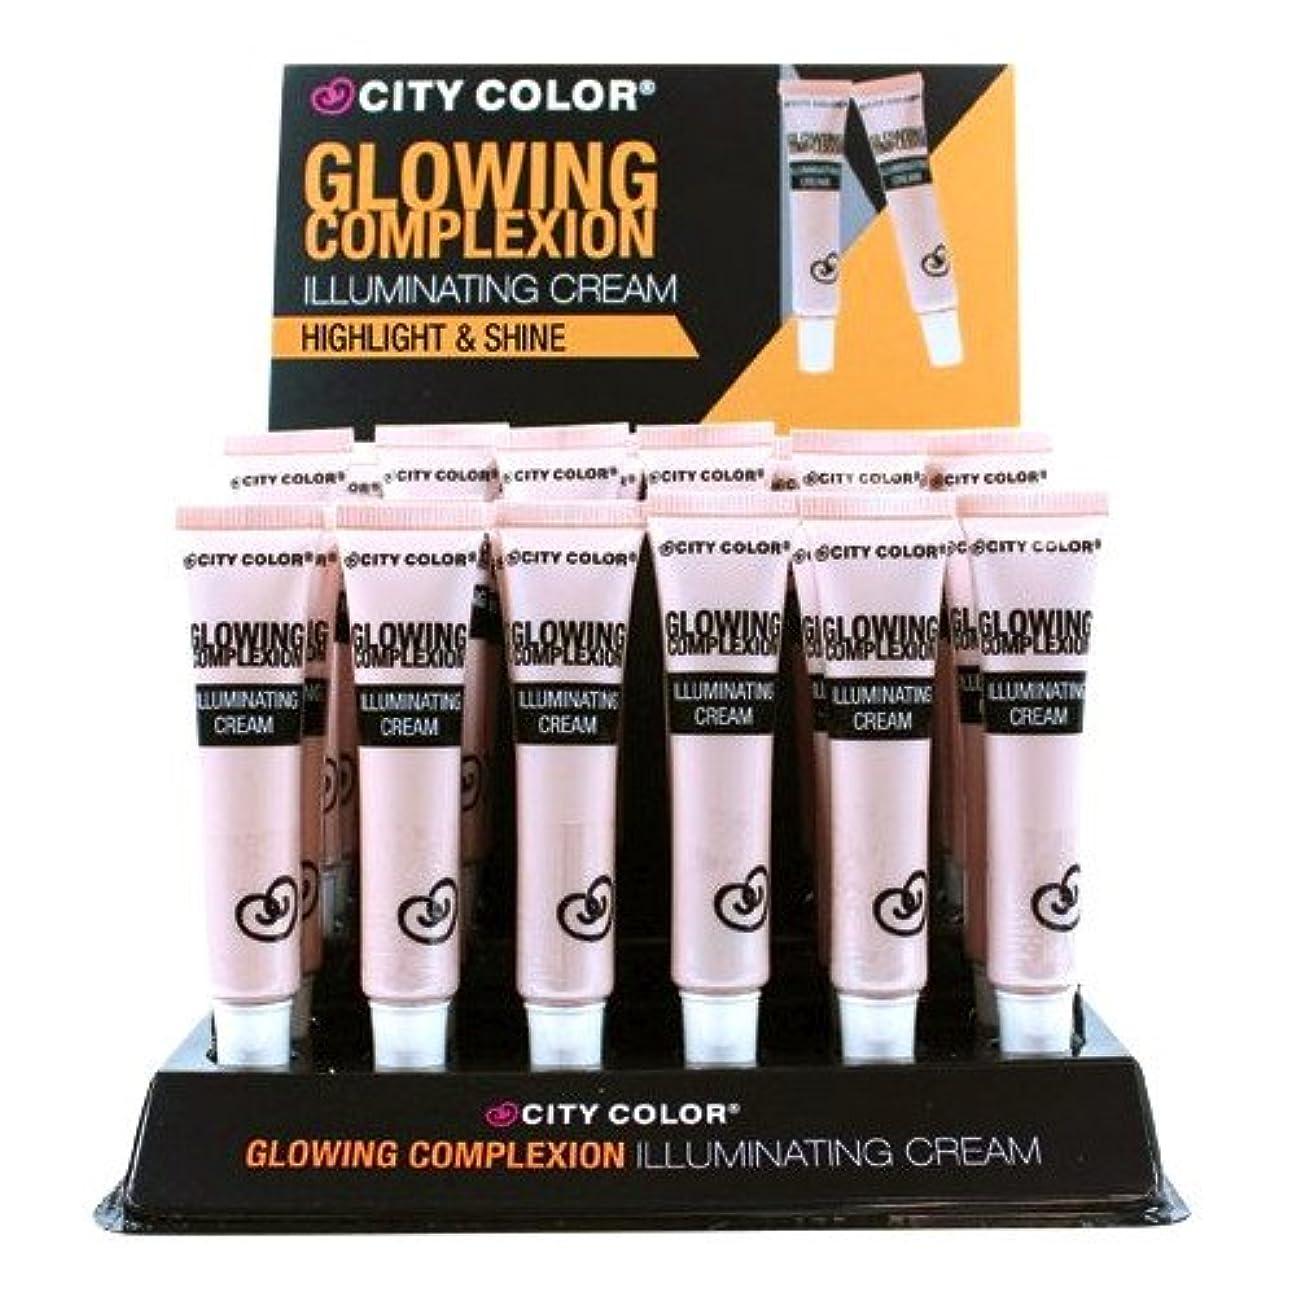 タンパク質要求収入CITY COLOR Glowing Complexion Illuminating Cream Luminous Dewy Glow Display Case Set 24 Pieces (並行輸入品)